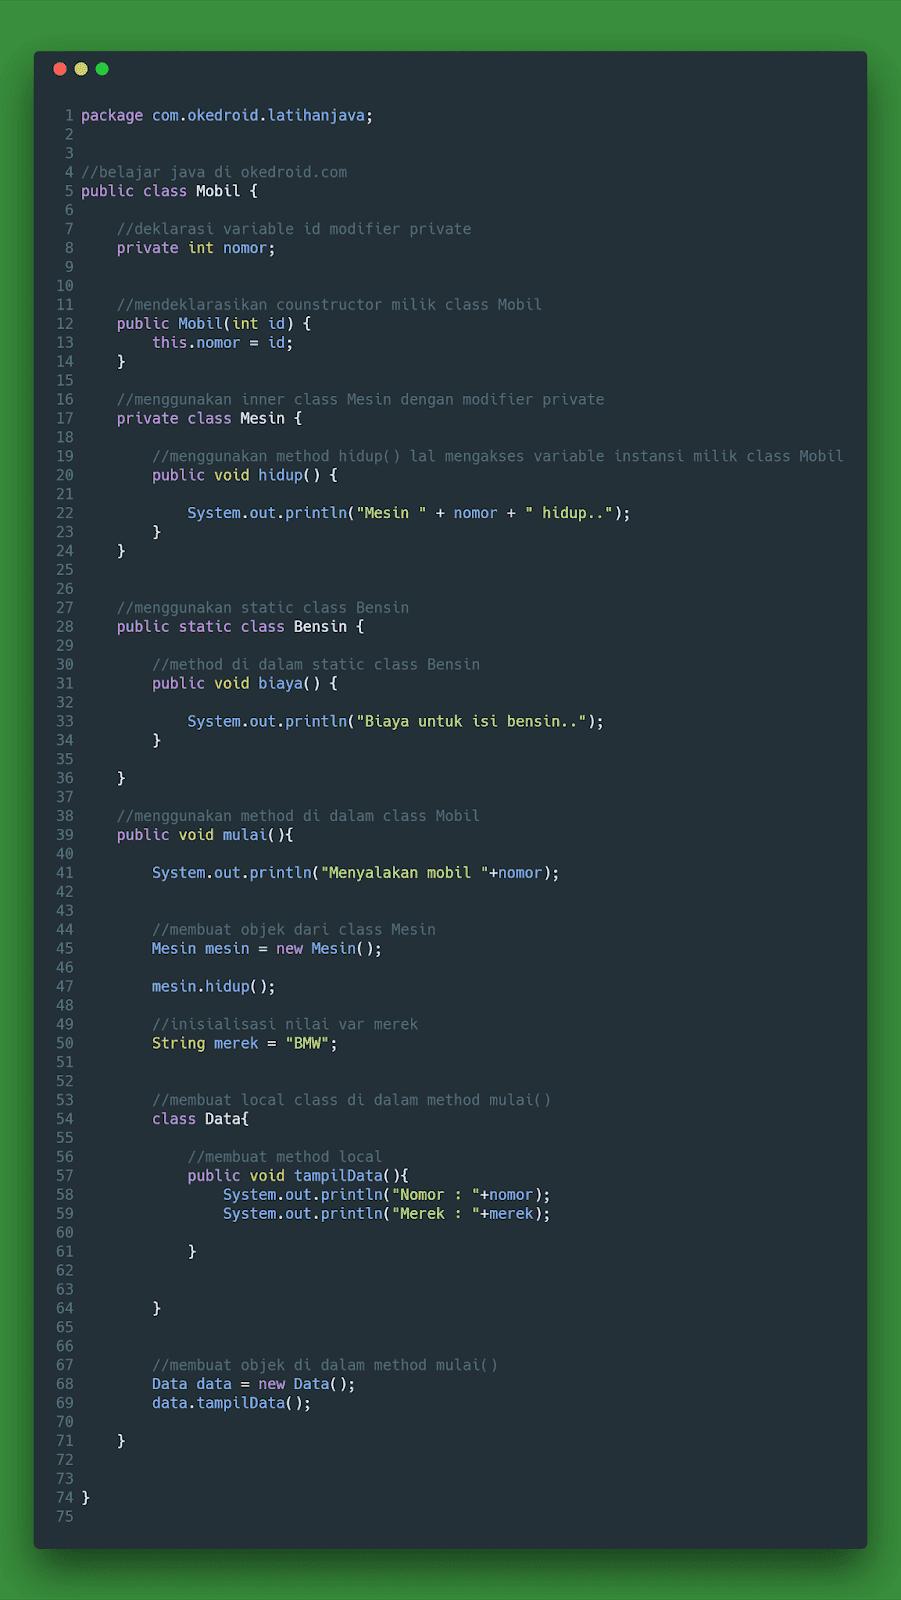 contoh kegunaan code program regular pengertian fungsi materi inner class pada java